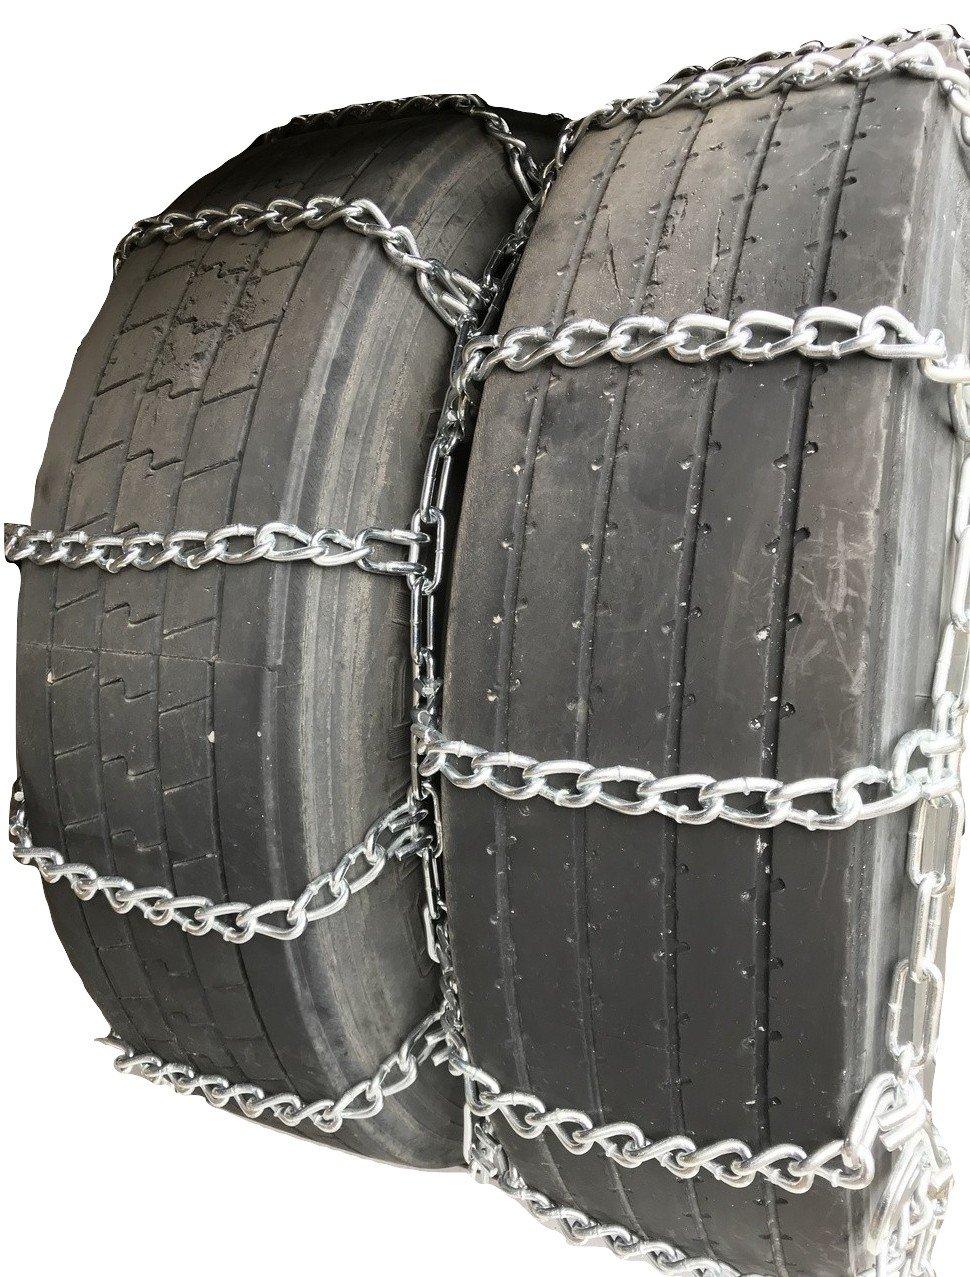 TireChain.com 235/85R16, 235 85R16LT Dual Tire Chains